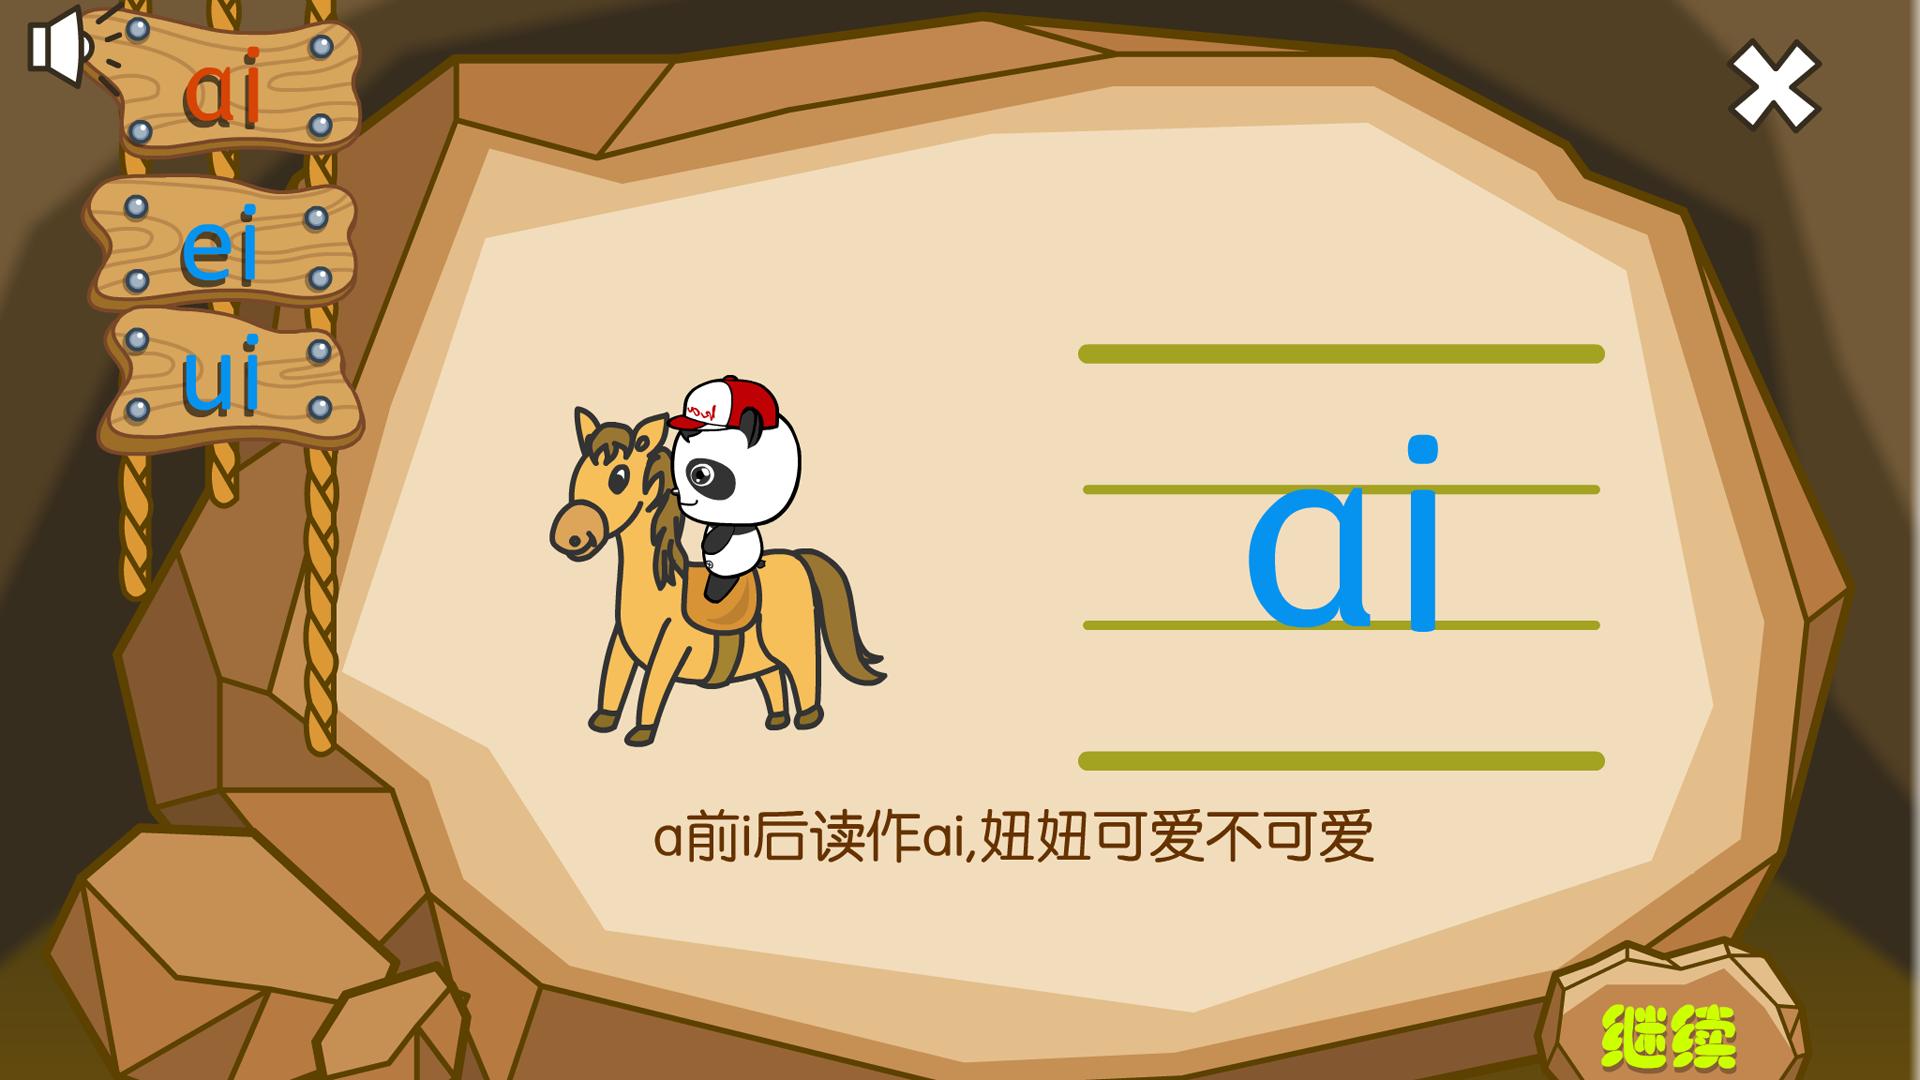 熊猫拼音,熊猫启蒙,儿歌,故事,诗词, 折纸等系列产品研发,并已完成pc